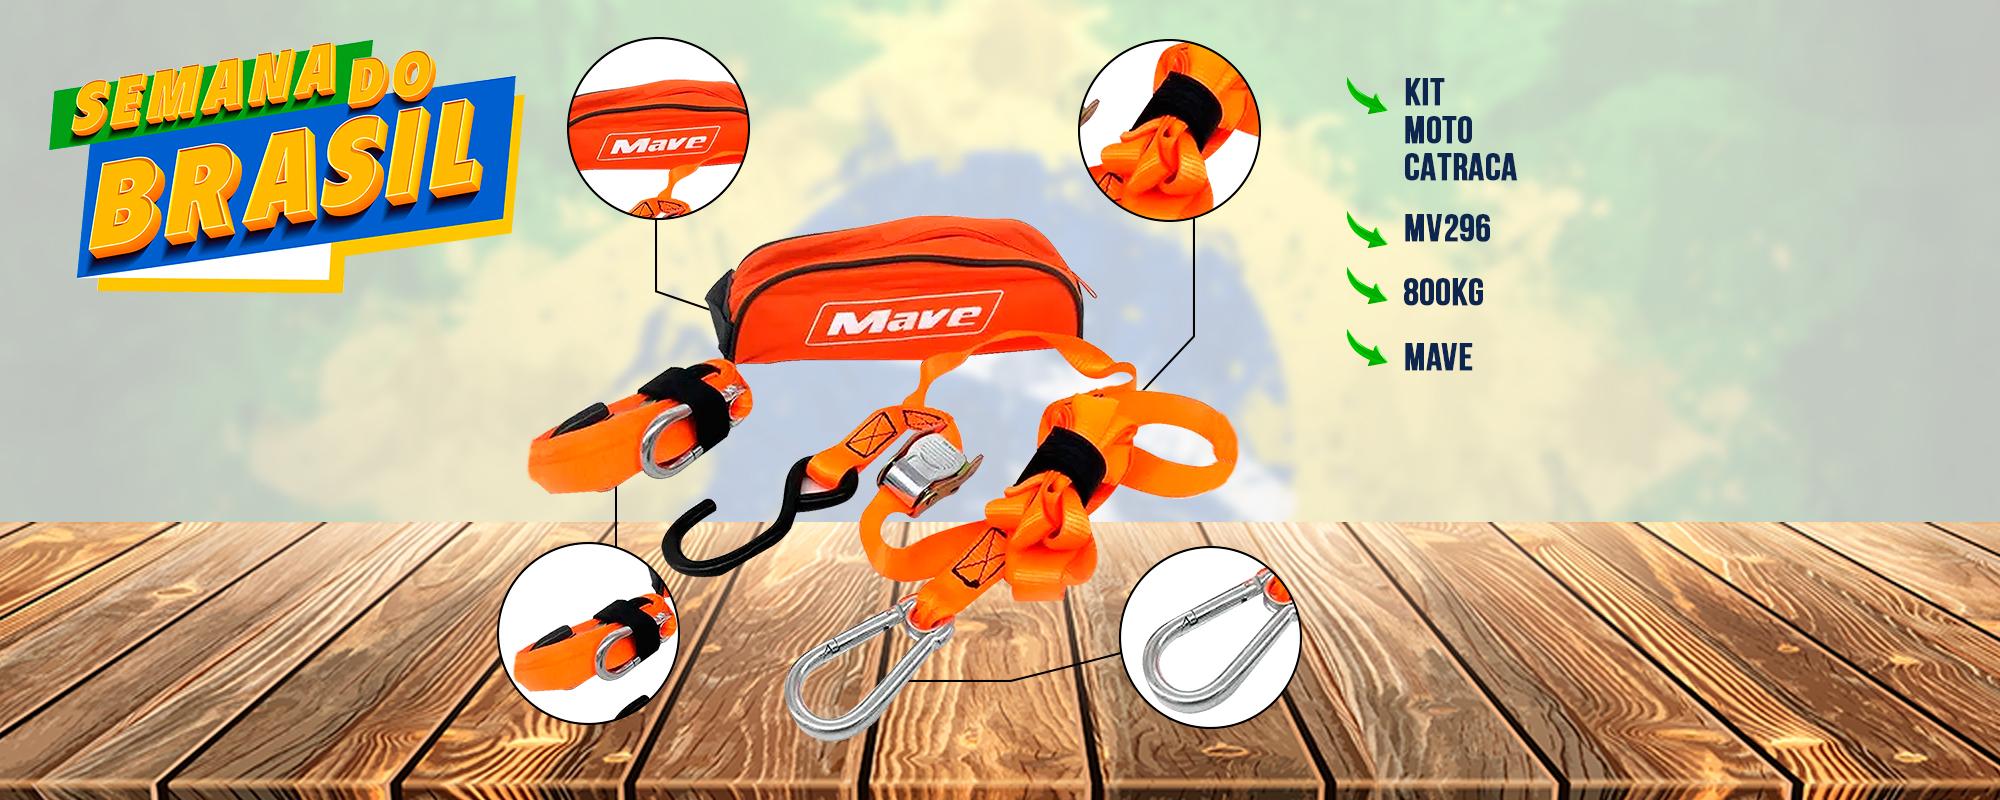 03-09- Kit Moto Catraca